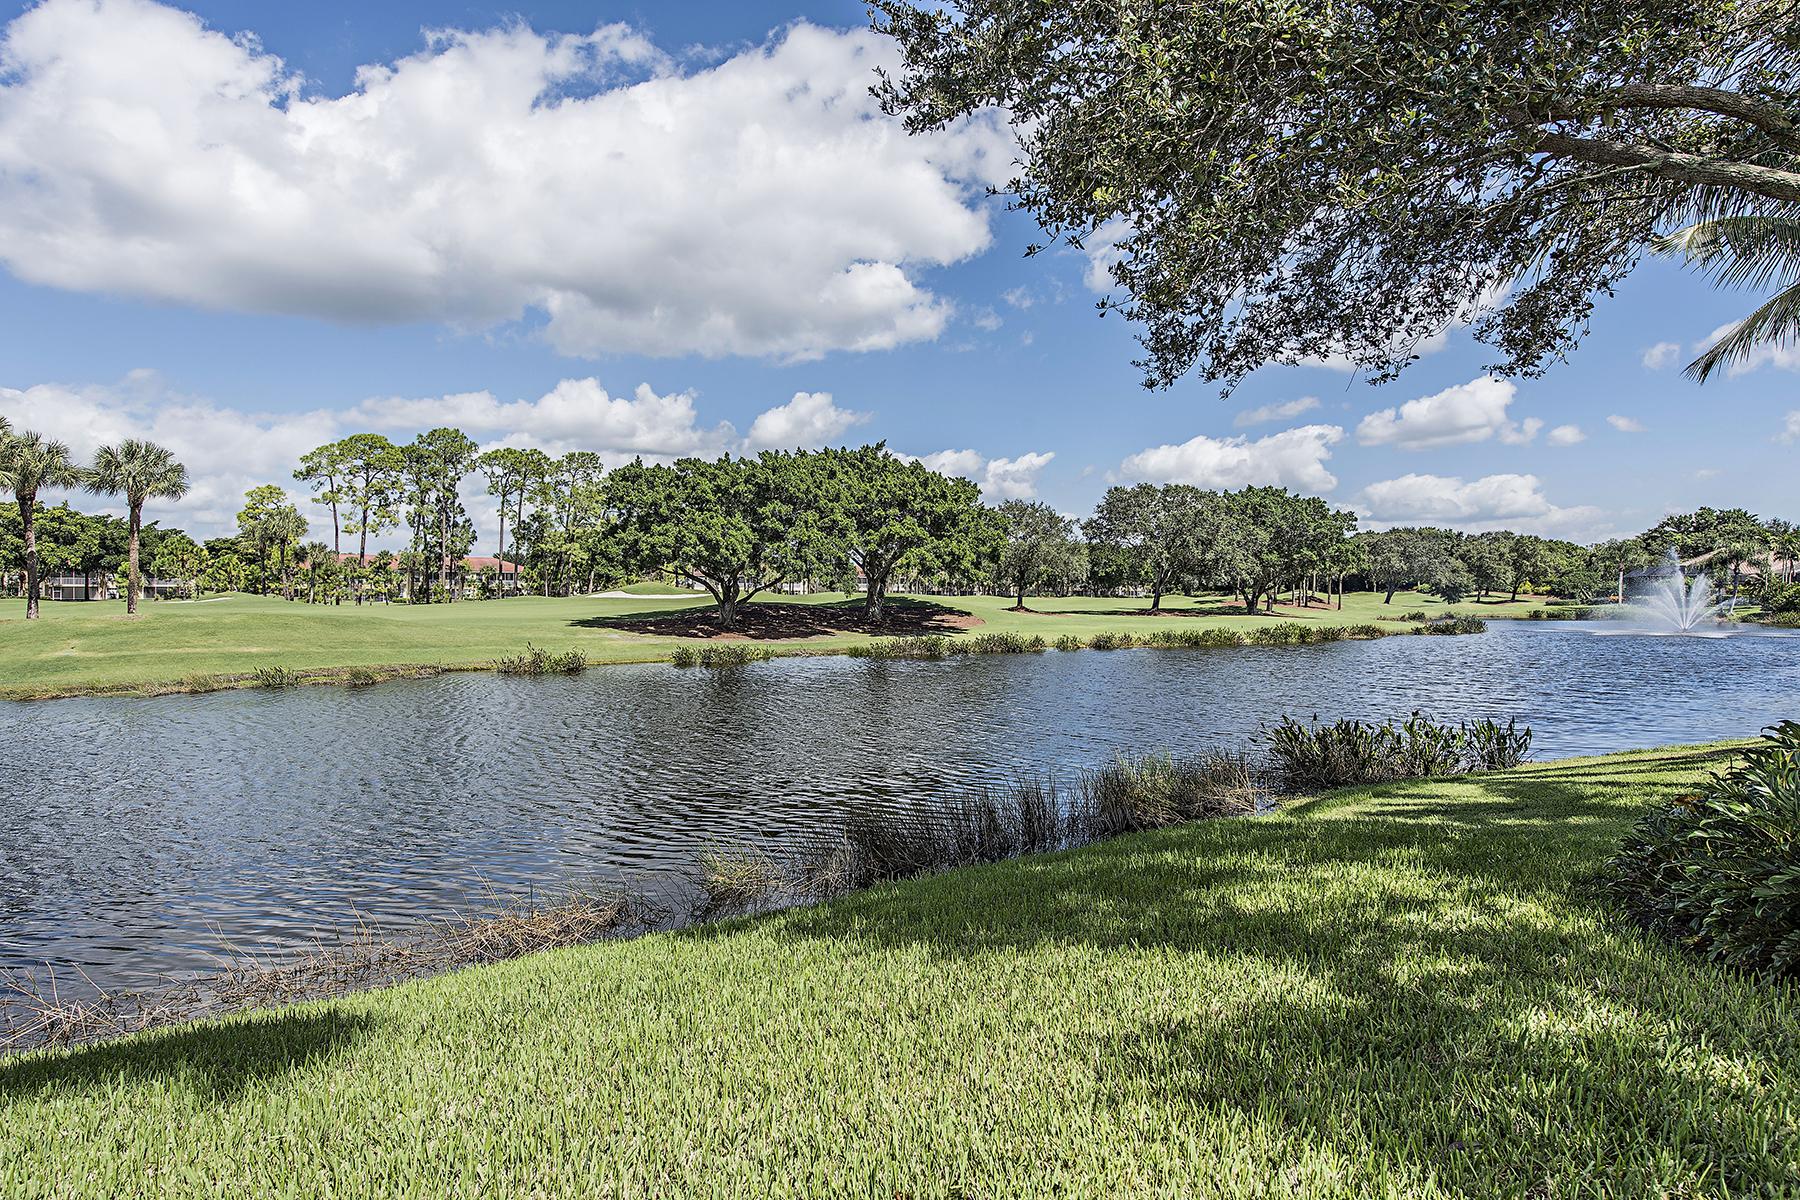 独户住宅 为 销售 在 PELICAN MARSH - WATERCREST 2337 Cheshire Ln 那不勒斯, 佛罗里达州, 34109 美国